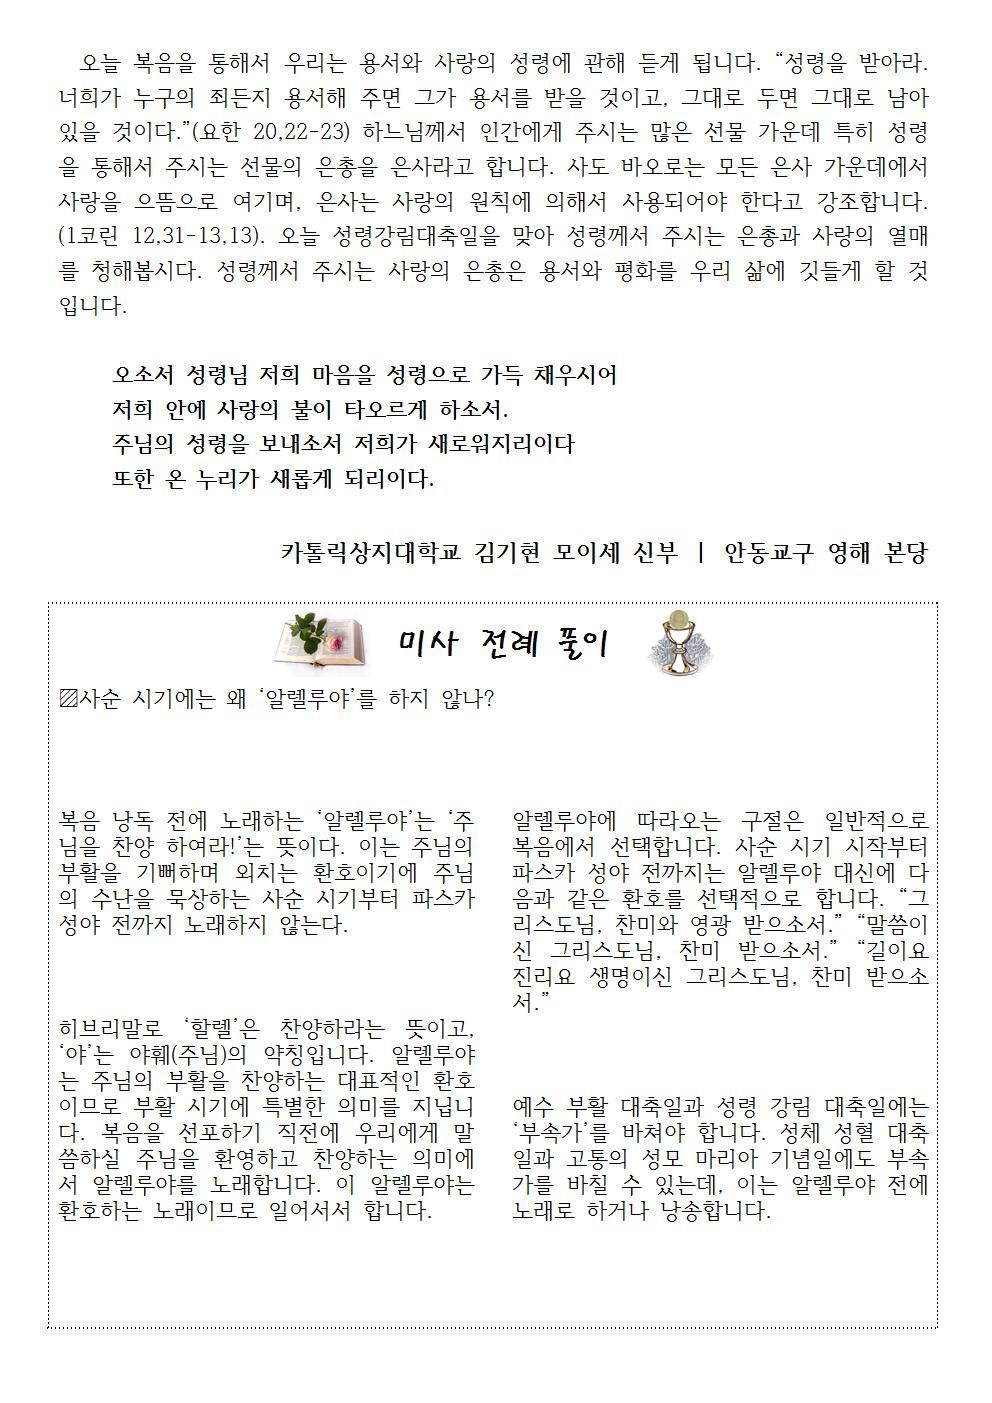 170604 - 성령강림대축일002.jpg